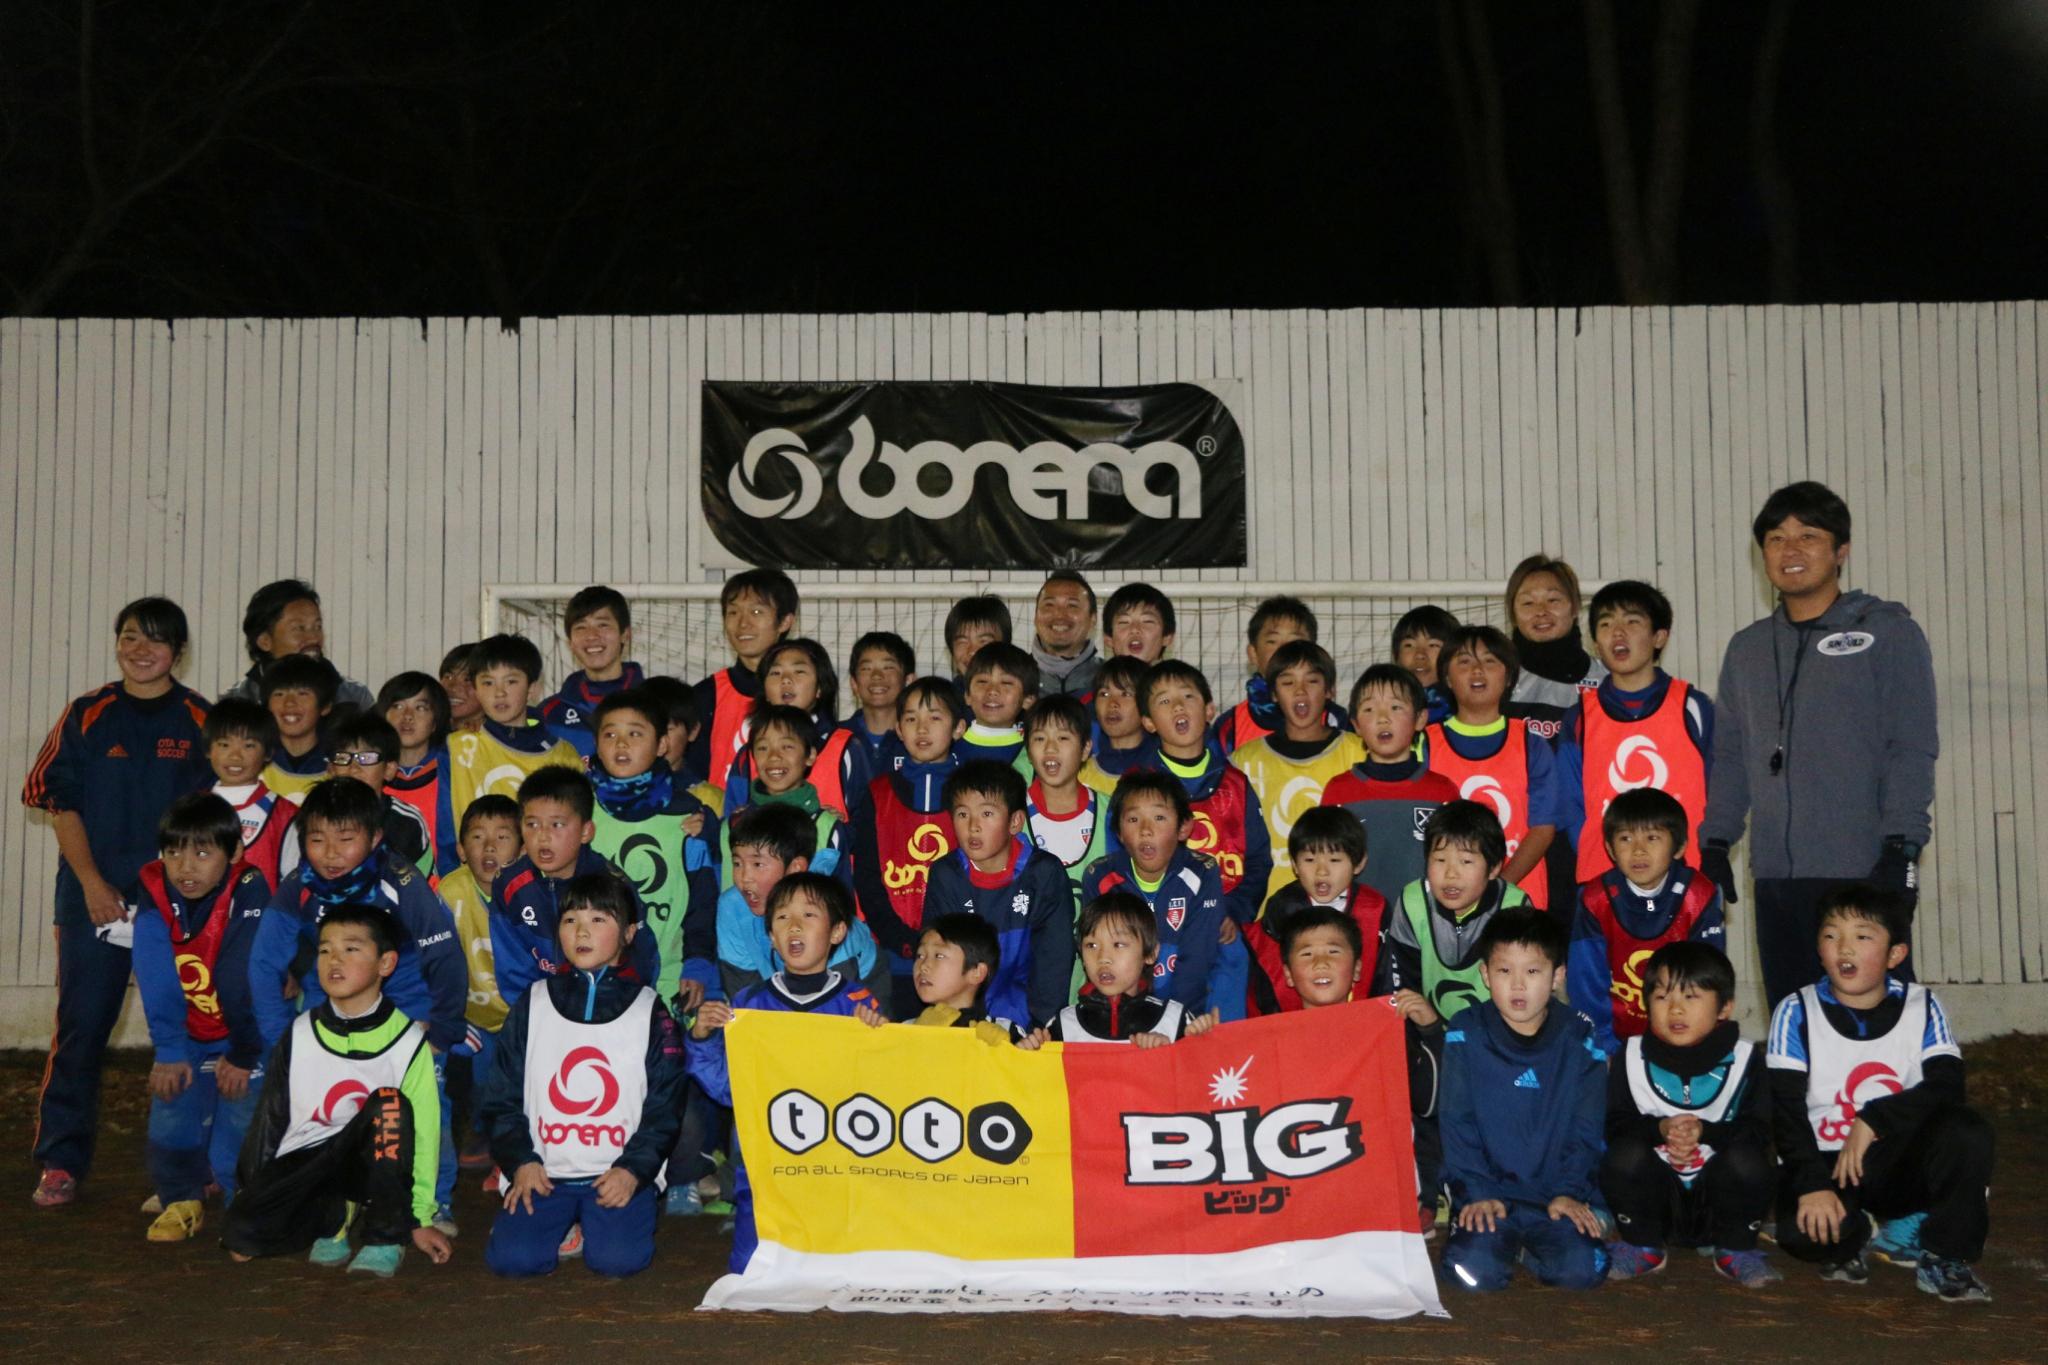 元日本代表・三浦淳宏氏によるスペシャルサッカー教室